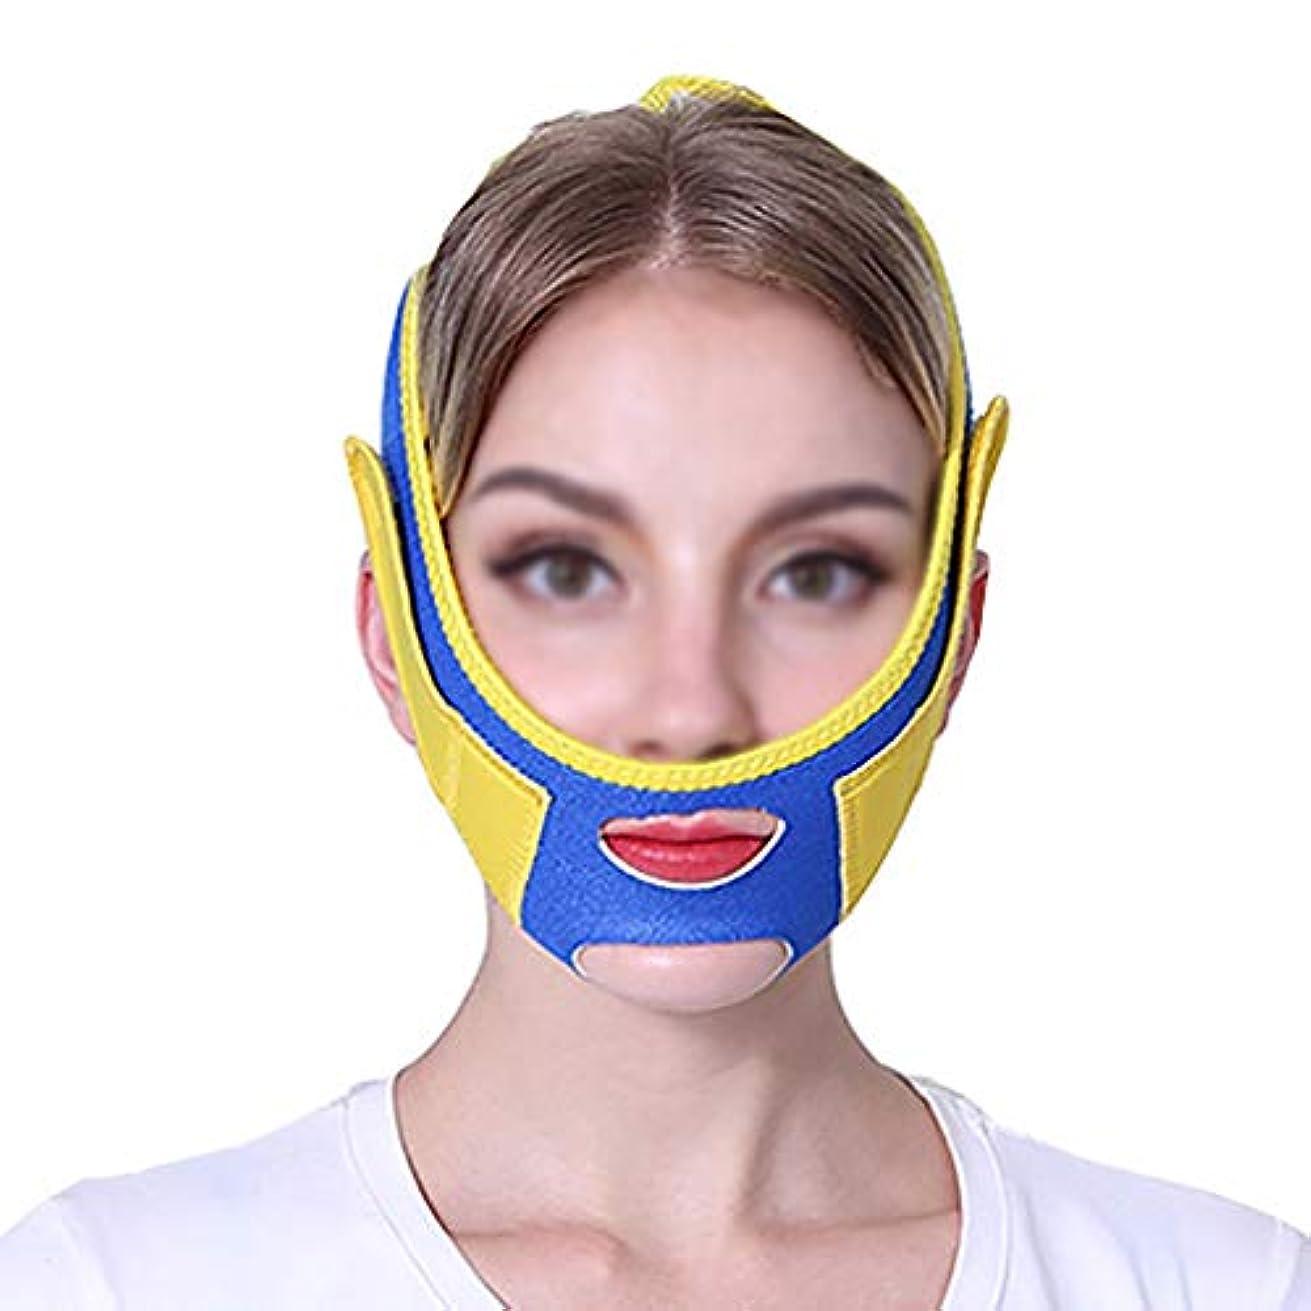 スプリット問題密輸GLJJQMY ファーミングマスクスモールvフェイスアーティファクトリフティングマスクフェイスリフティングフェイスリフティングマスクファーミングクリームフェイシャルリフティング包帯 顔用整形マスク